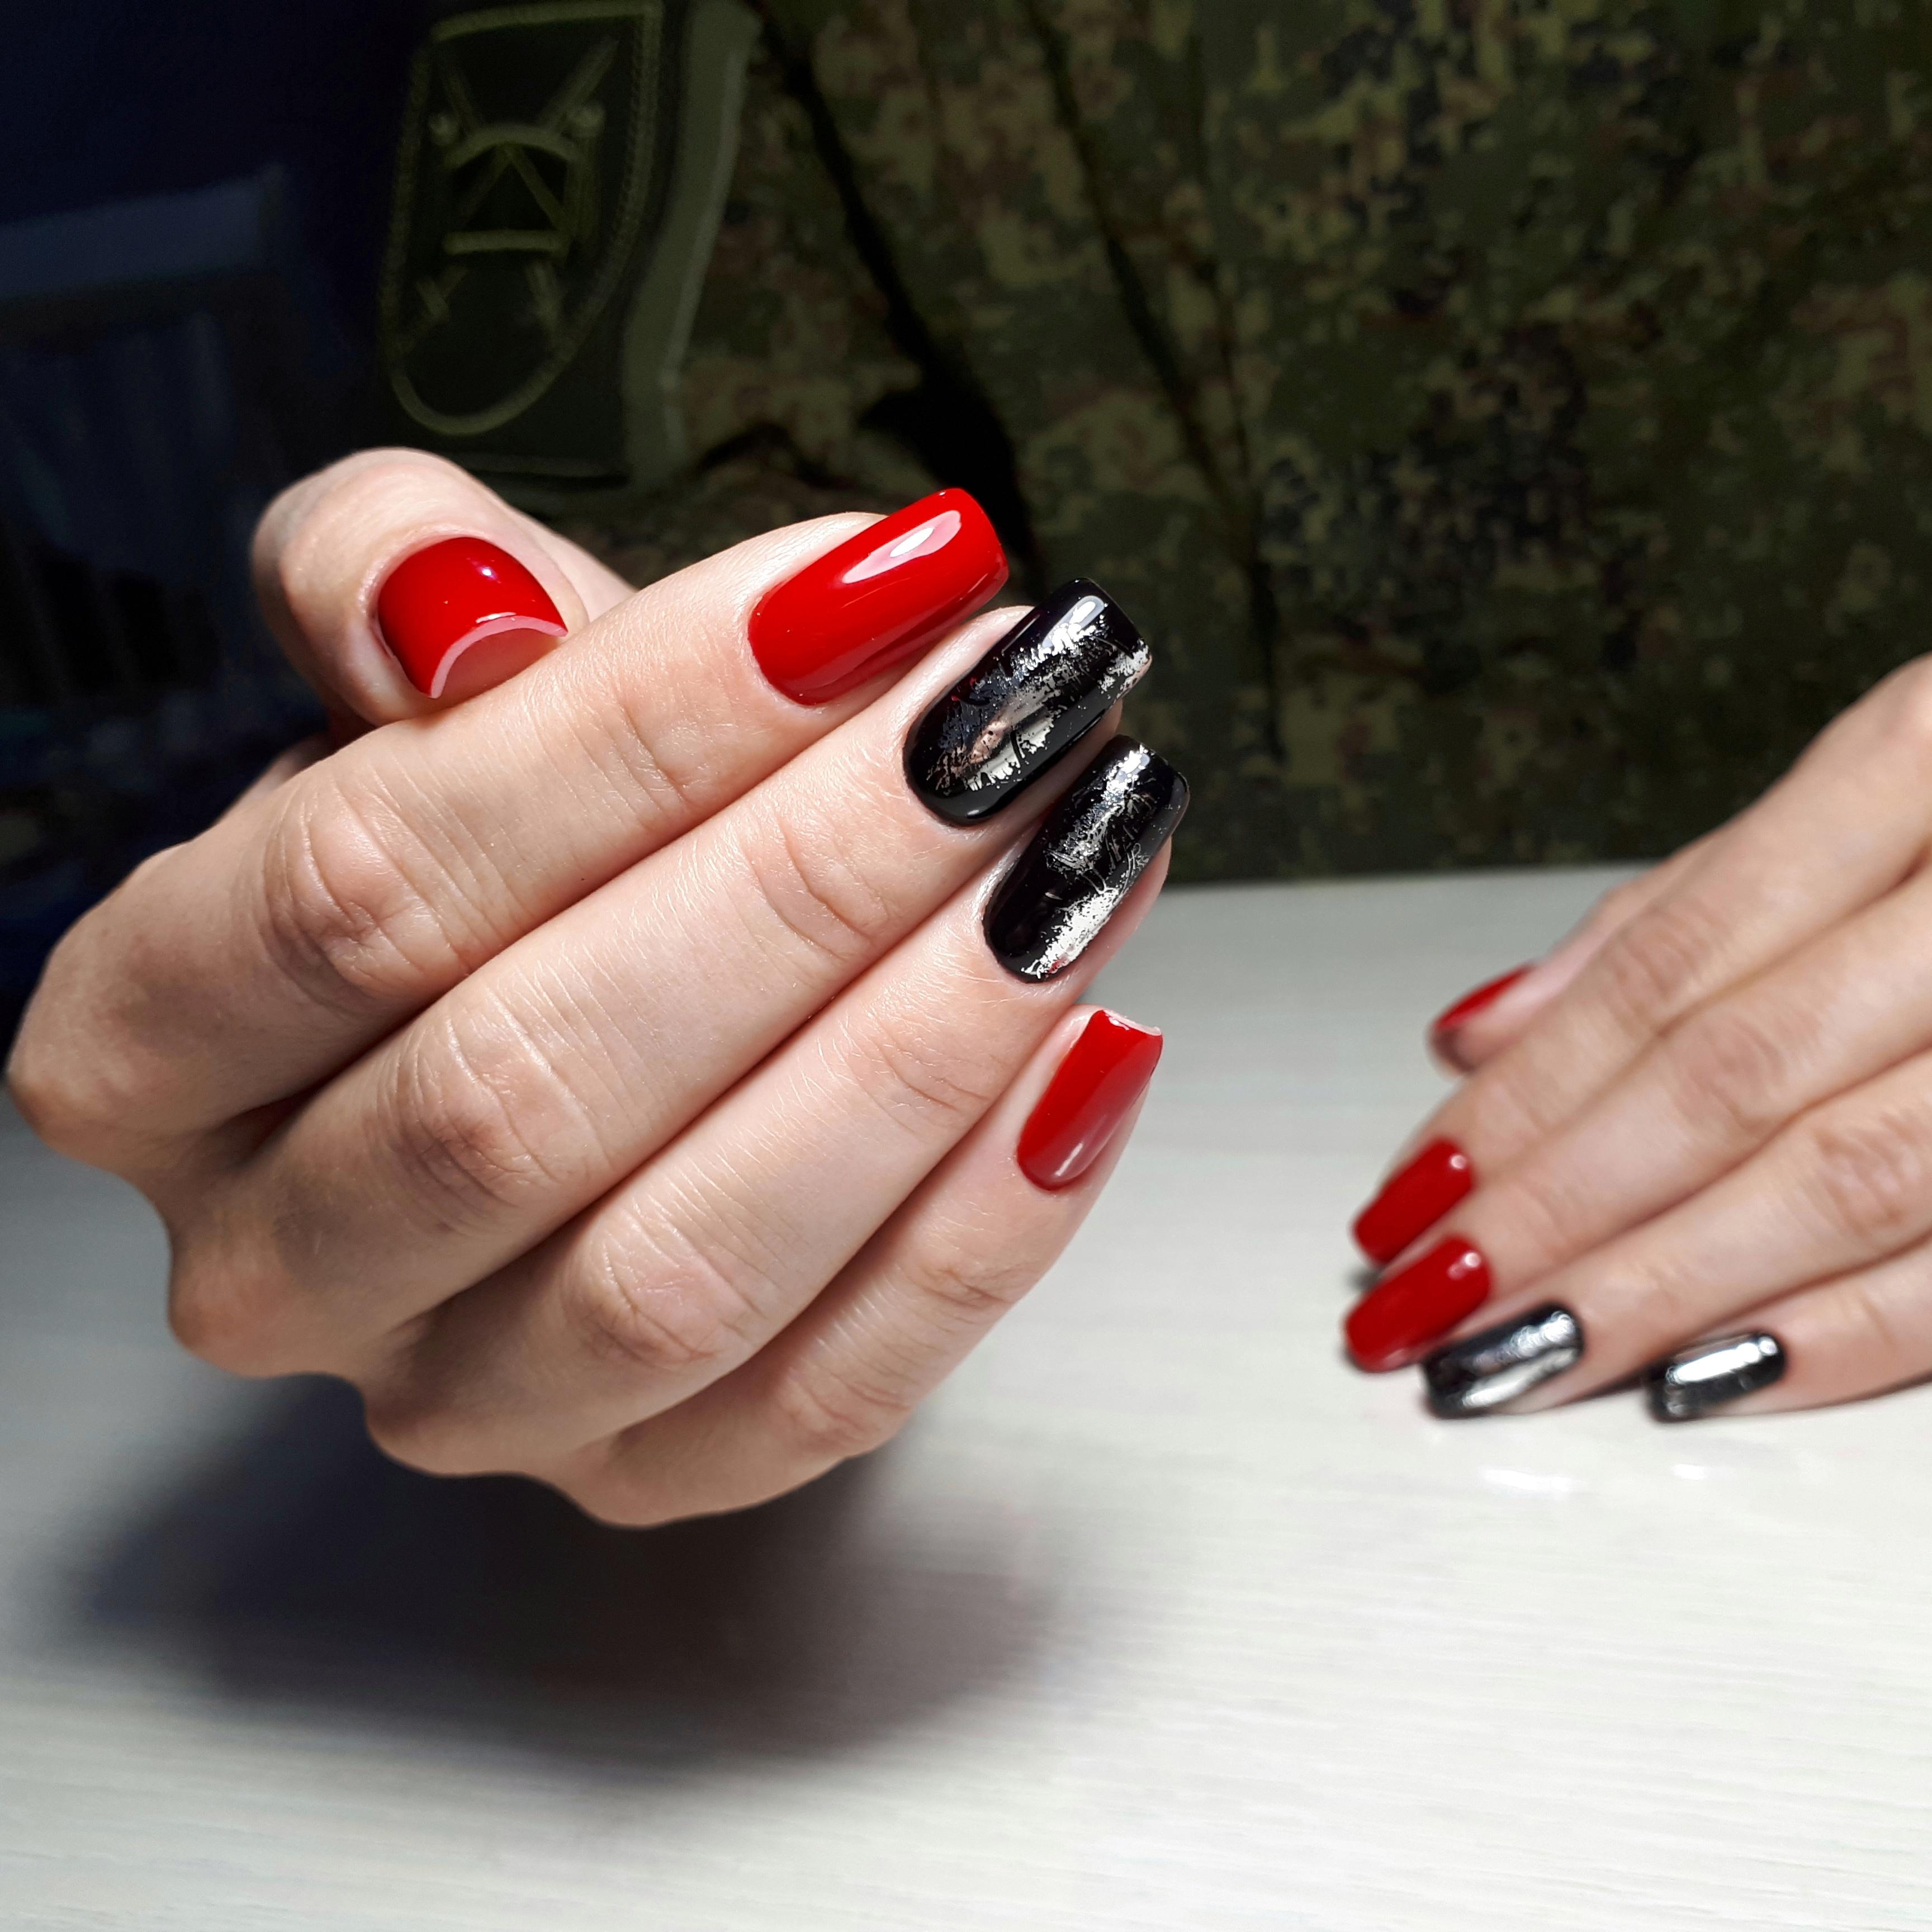 Контрастный маникюр с серебряной фольгой на длинные ногти.